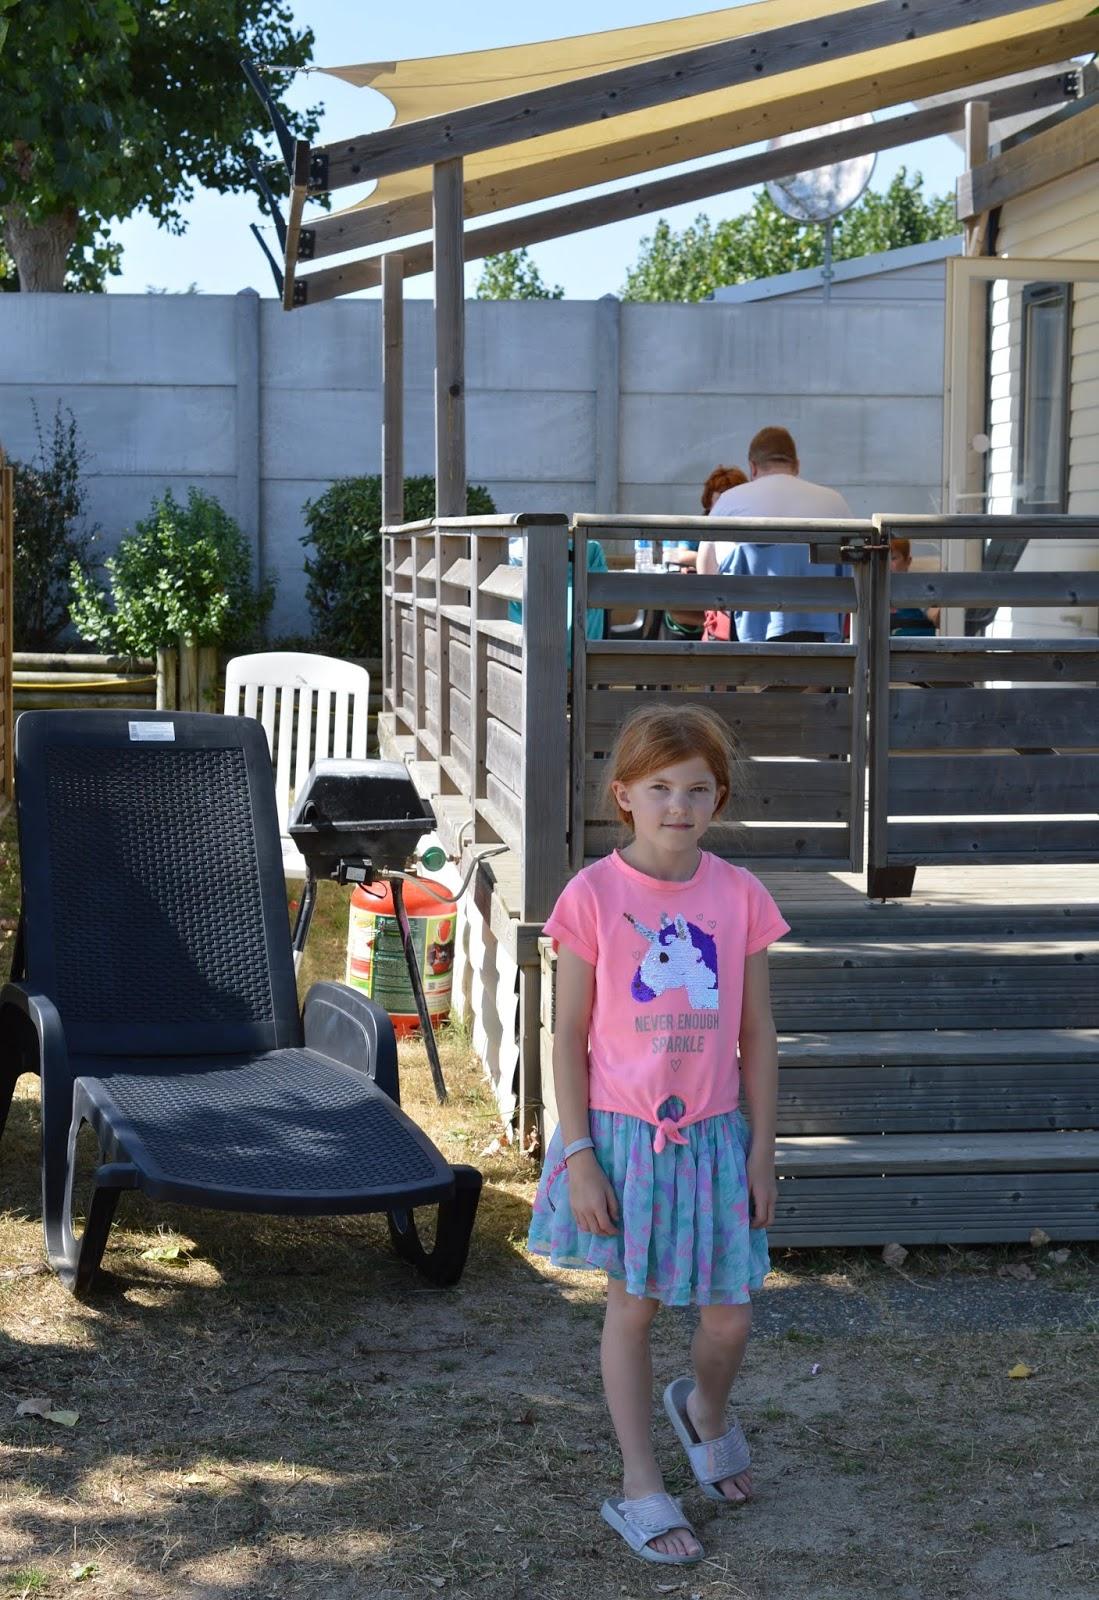 Les Ecureuils Campsite, Vendee - A Eurocamp Site near Puy du Fou (Full Review) - avant lodge outside